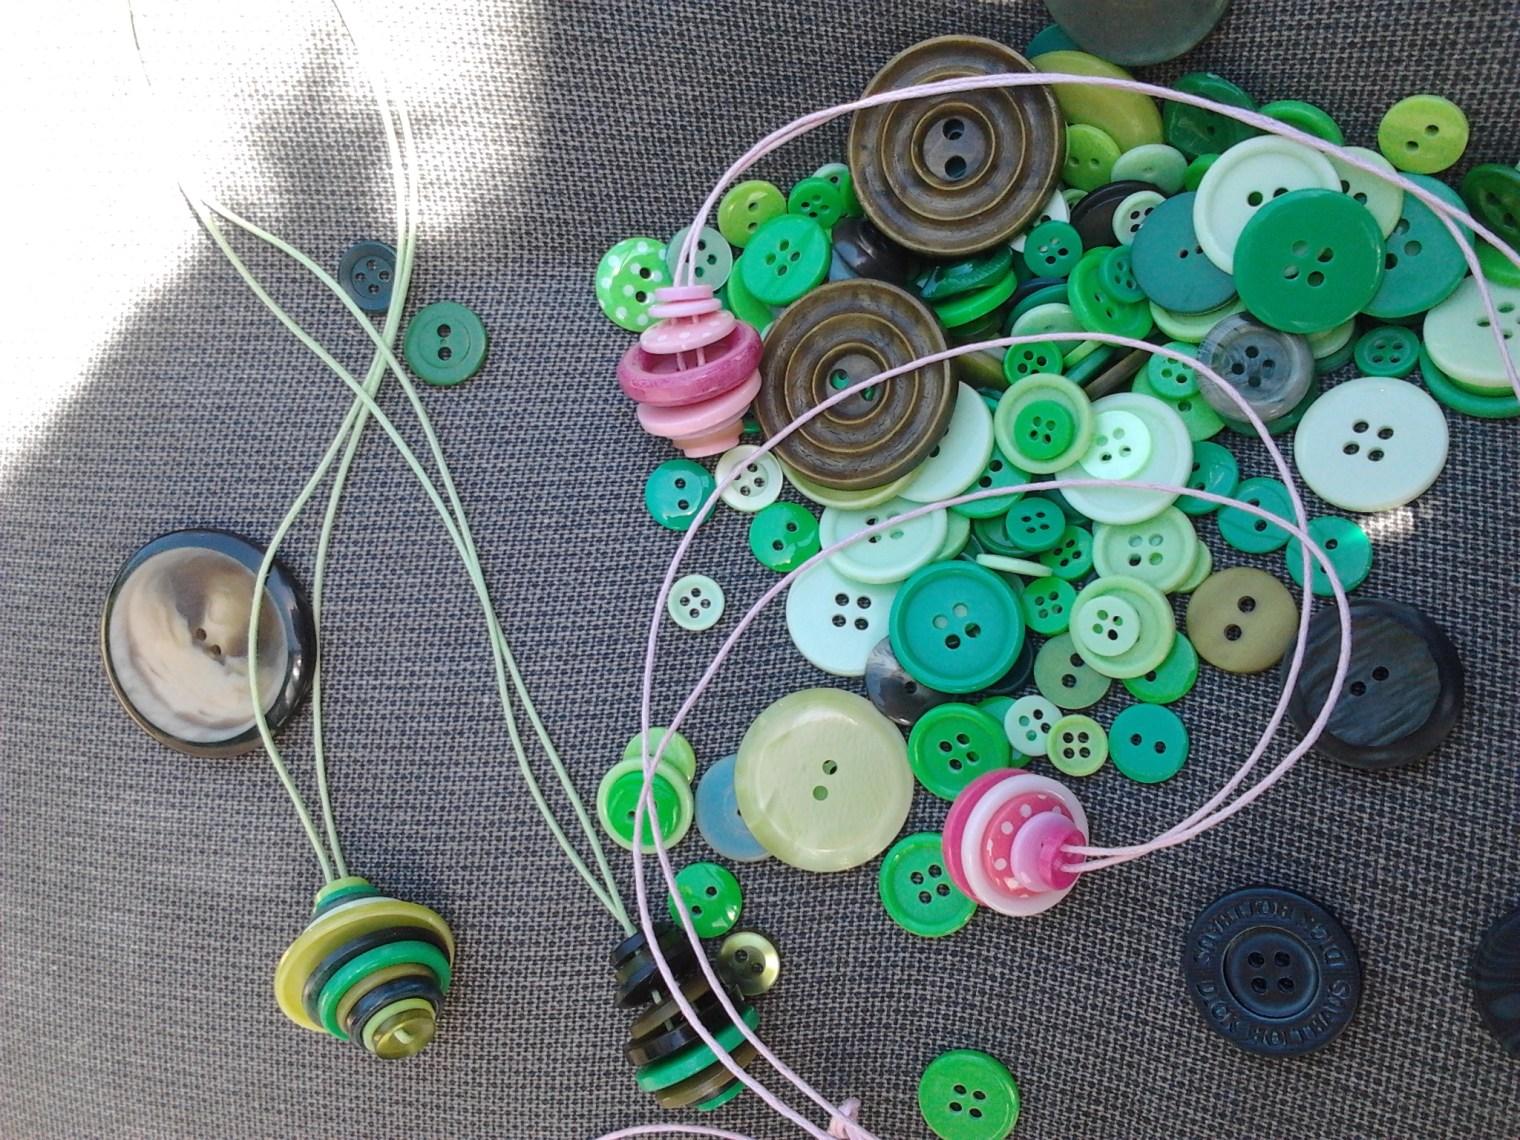 Knopenketting maken door studio paars